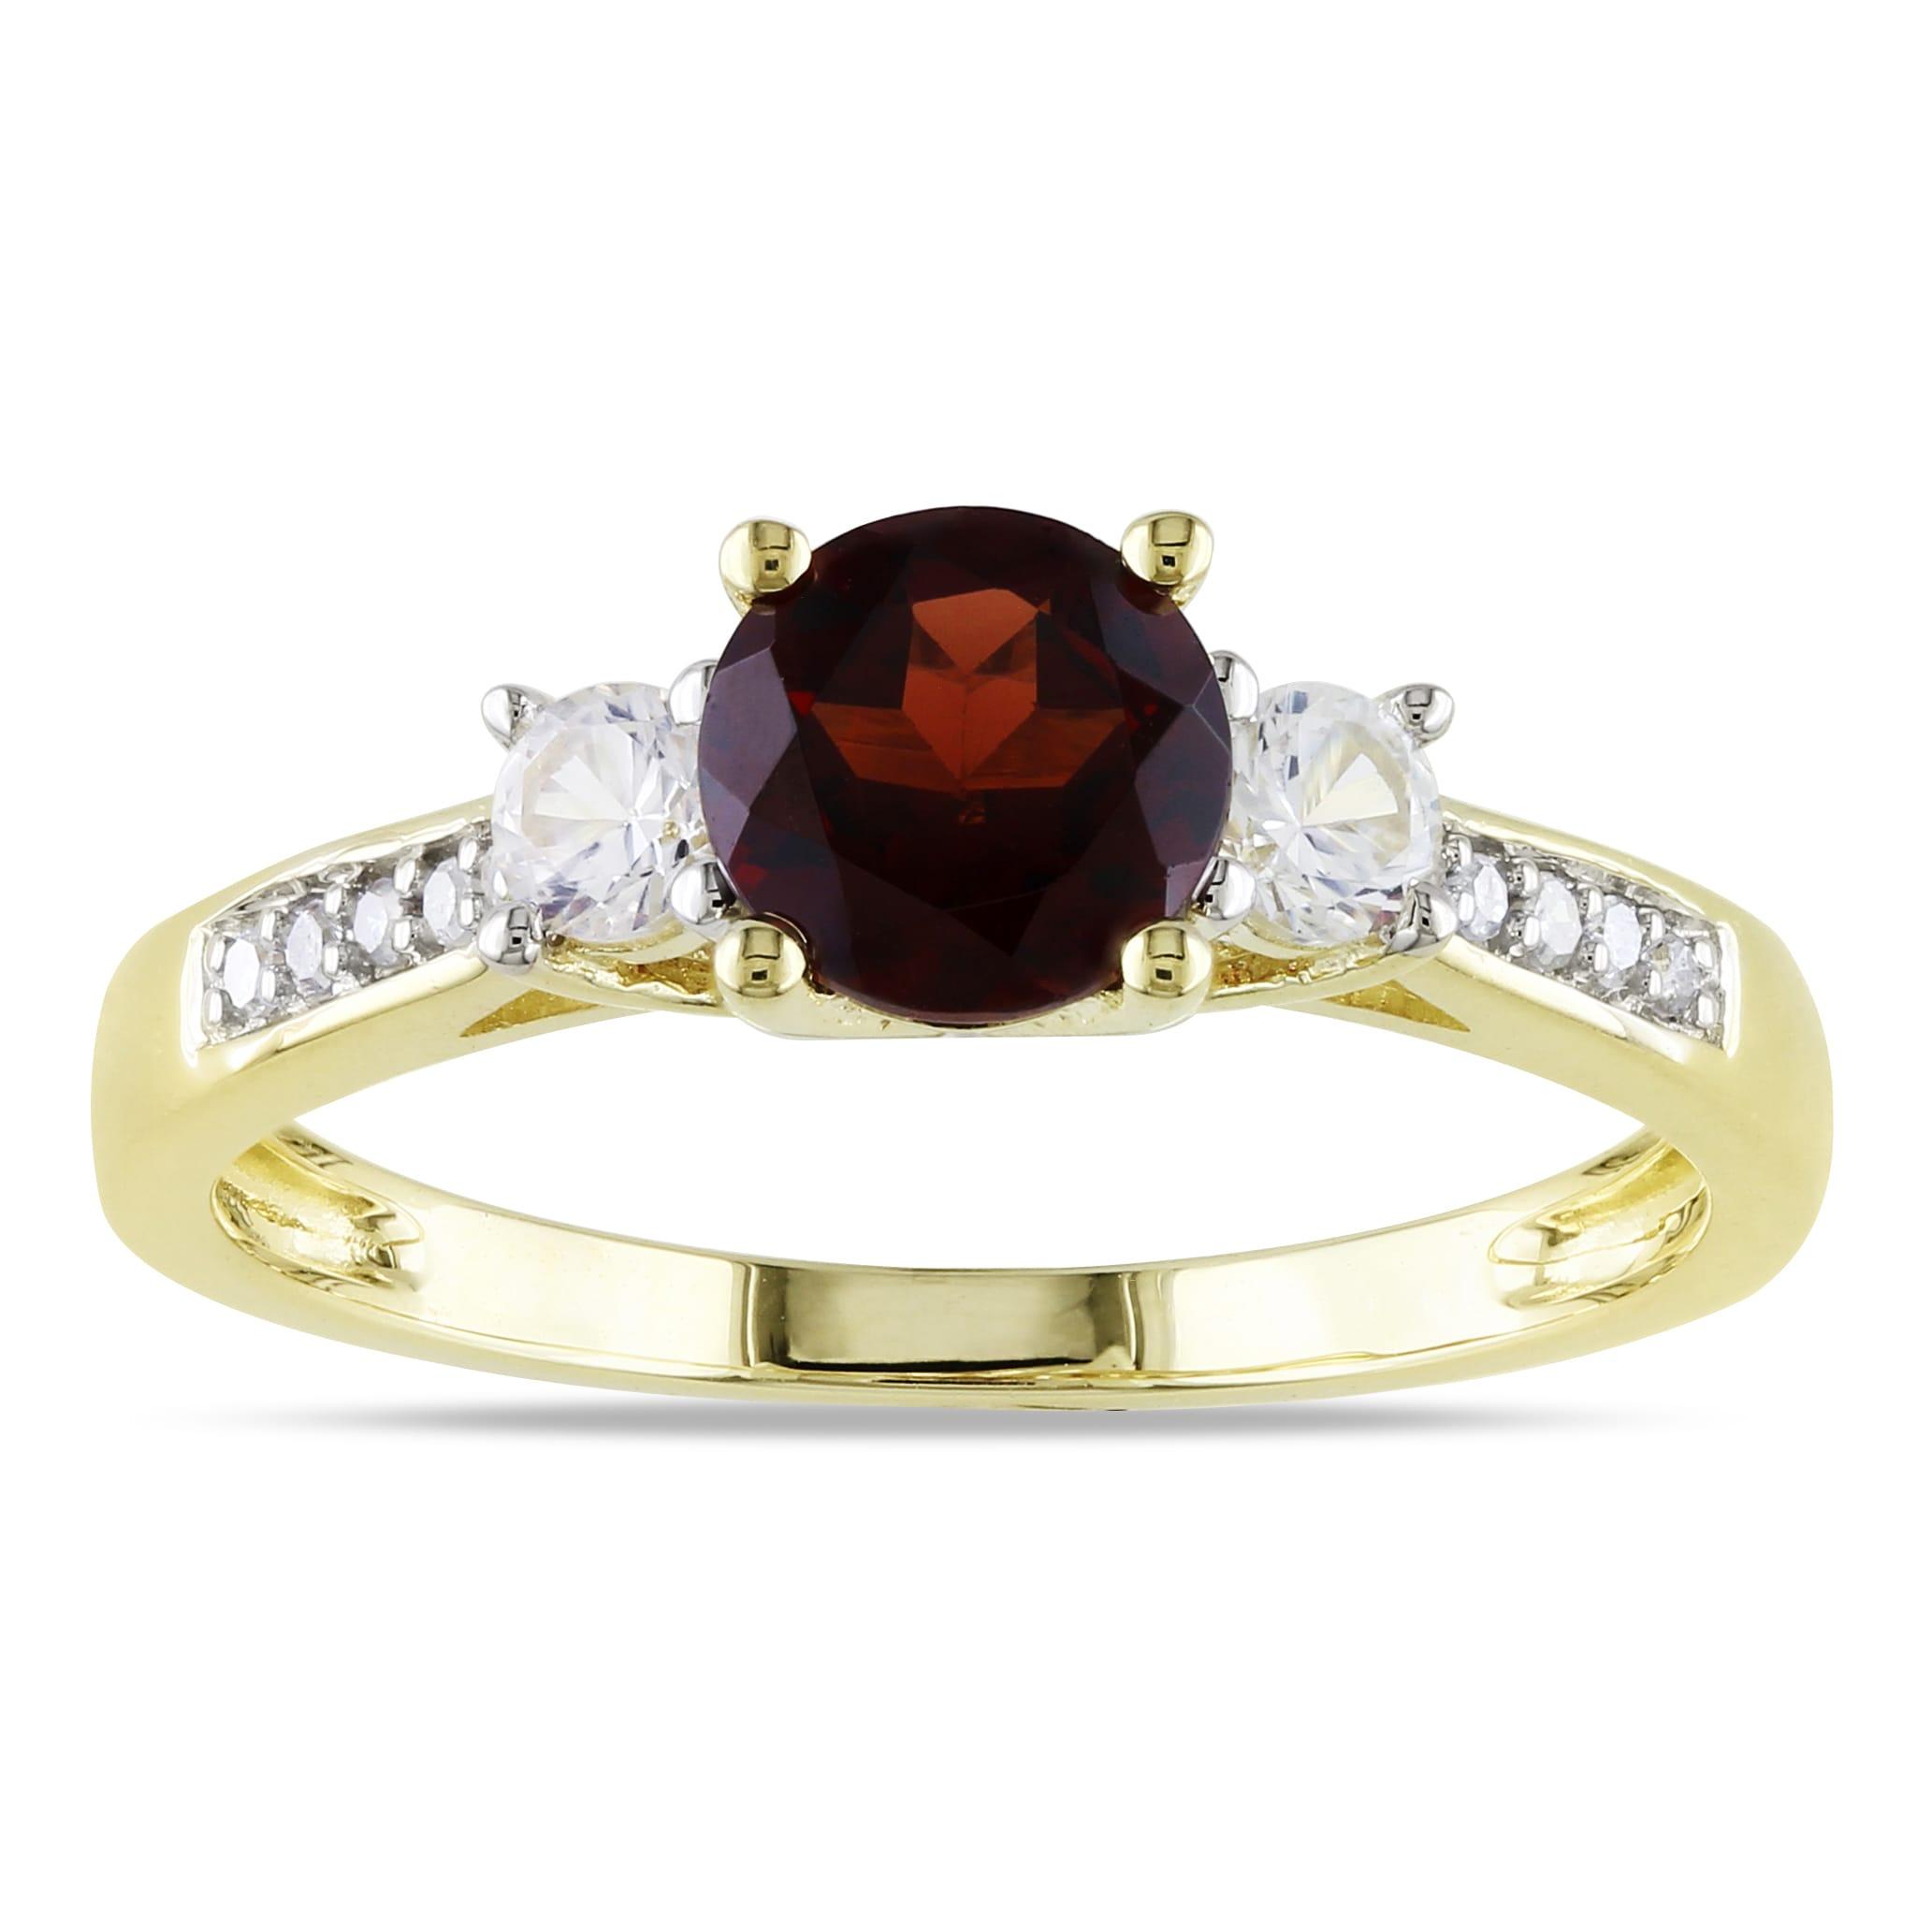 Miadora 10k Yellow Gold Garnet, White Sapphire & Diamond Ring (H-I, I2-I3)